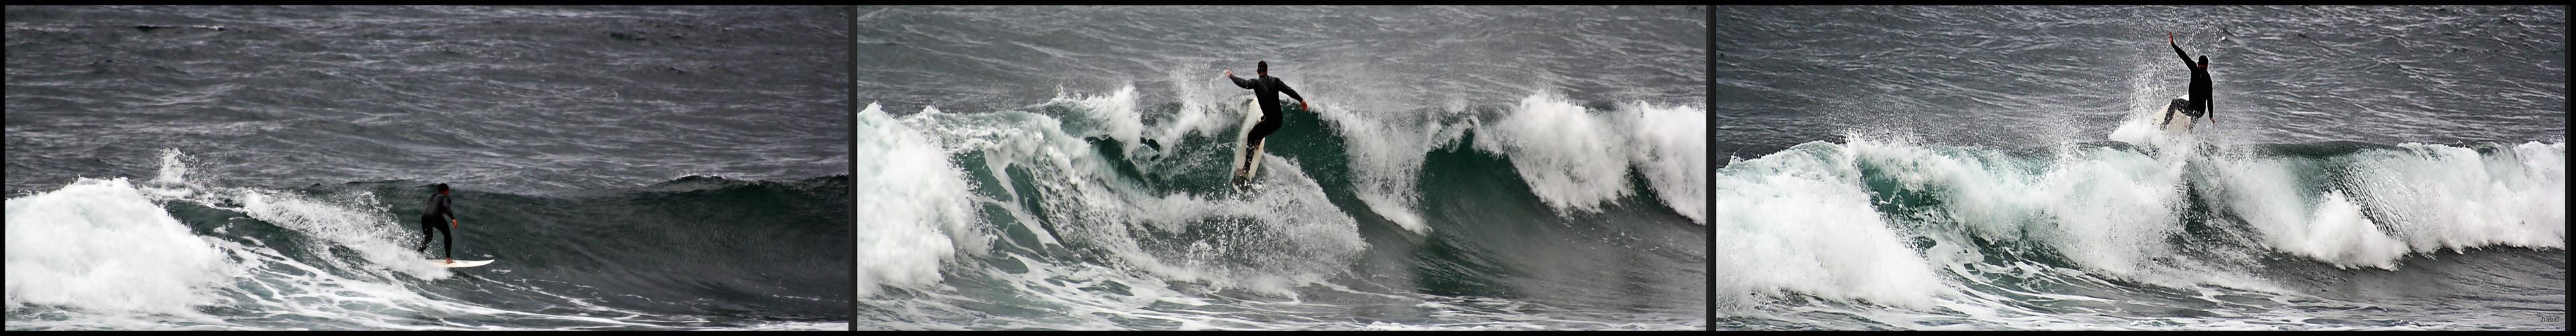 secuencia surf